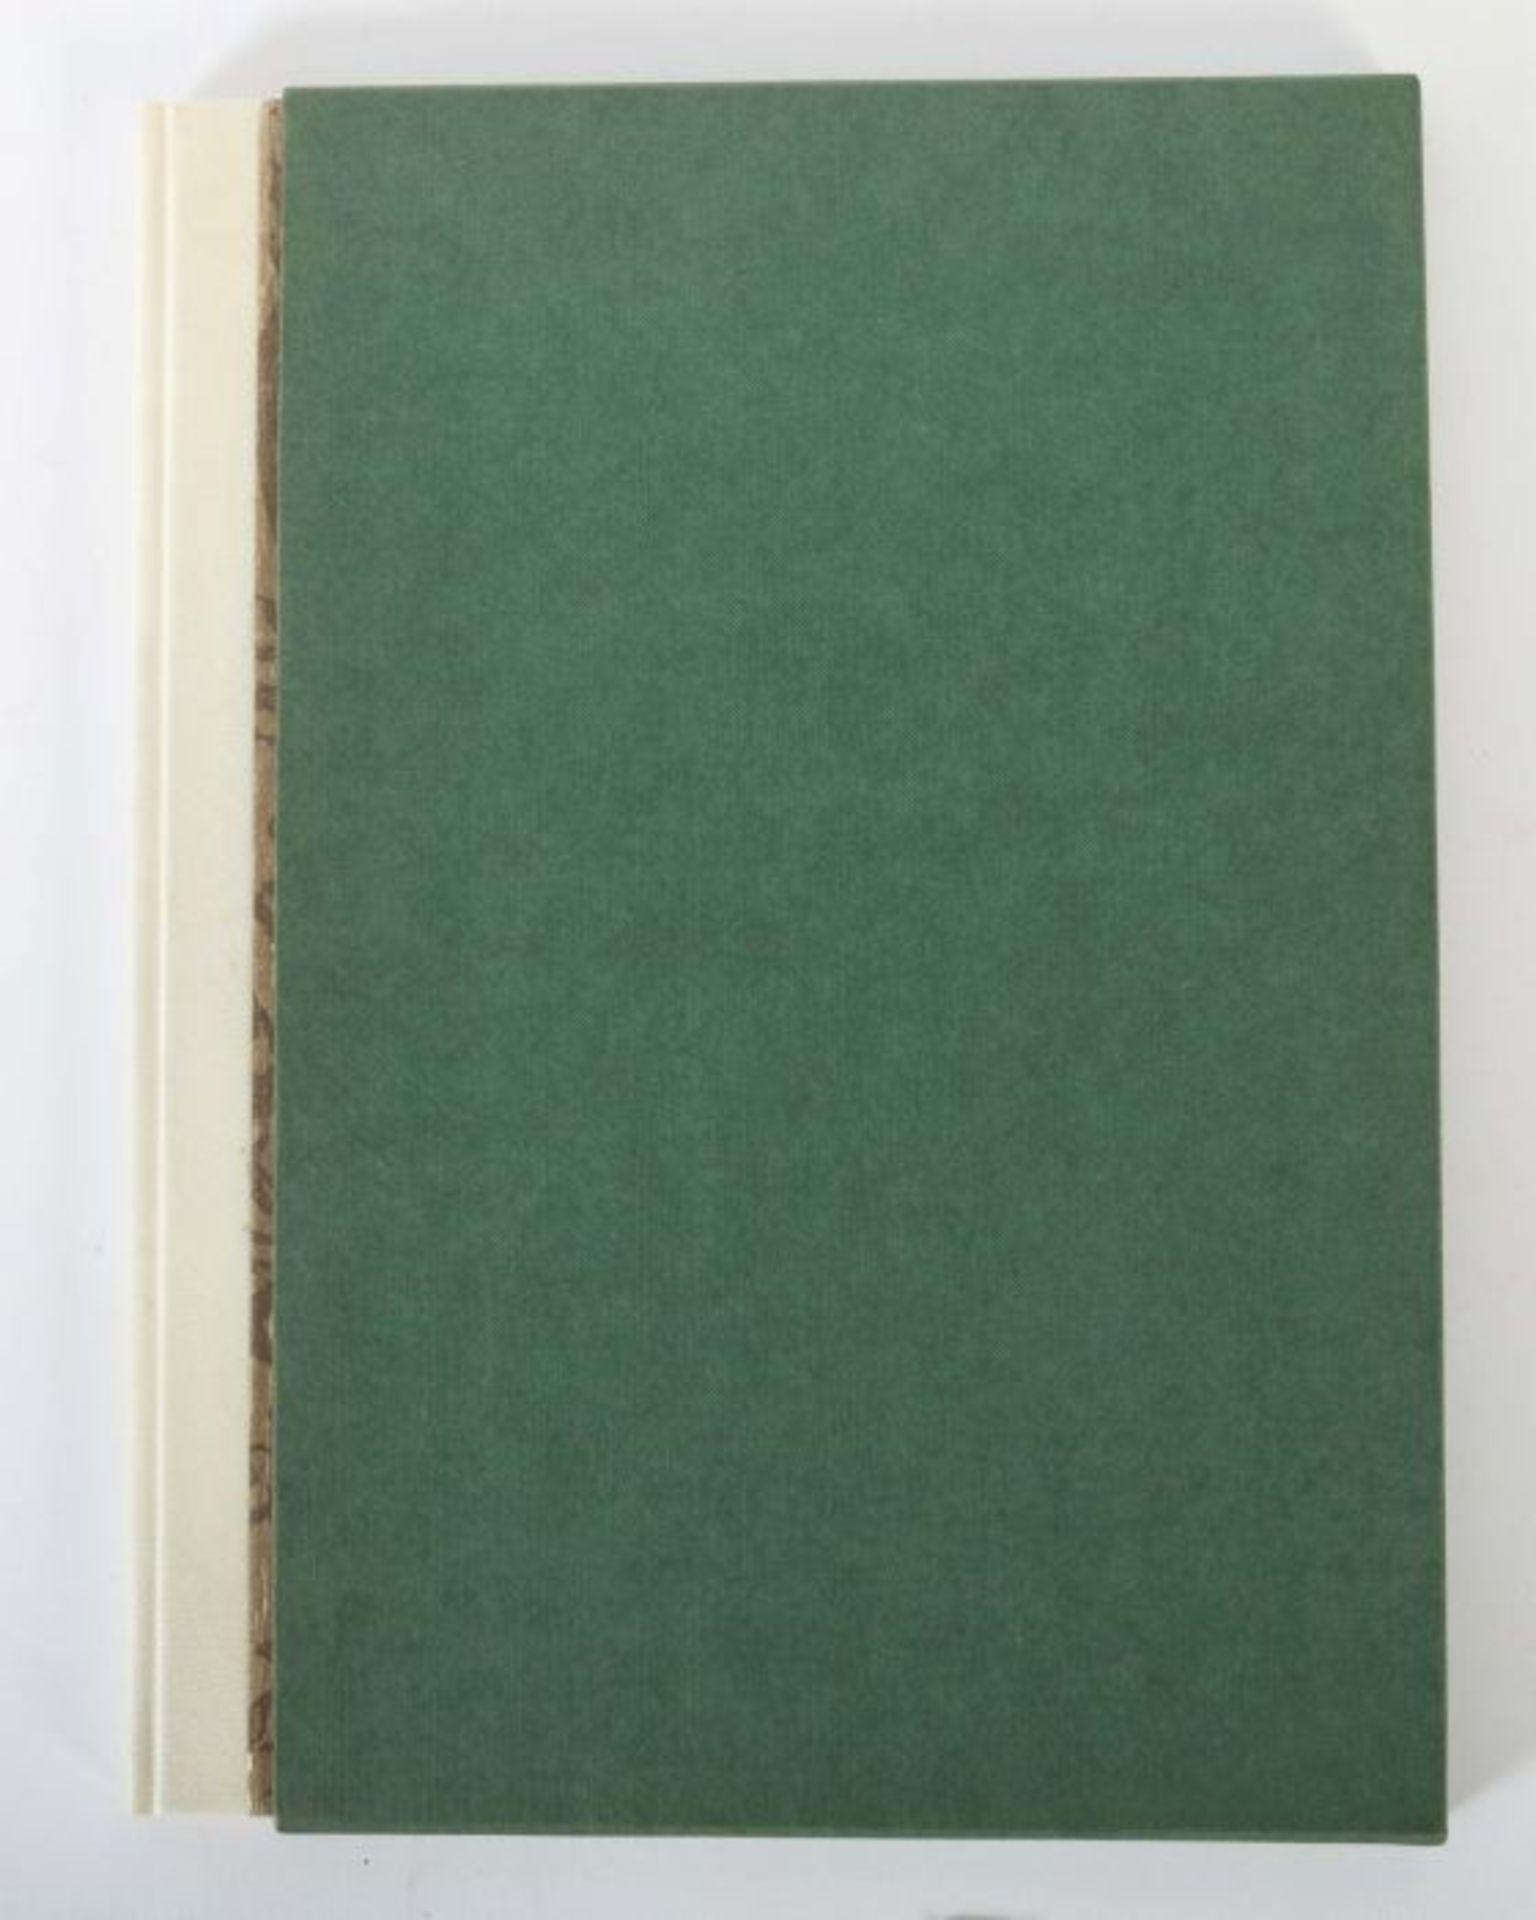 Hoffmann, Felix Das Hohe Lied - Das schönste der Lieder Salomos, Zürich/Stuttgart, Flamberg, 1964, - Bild 4 aus 5